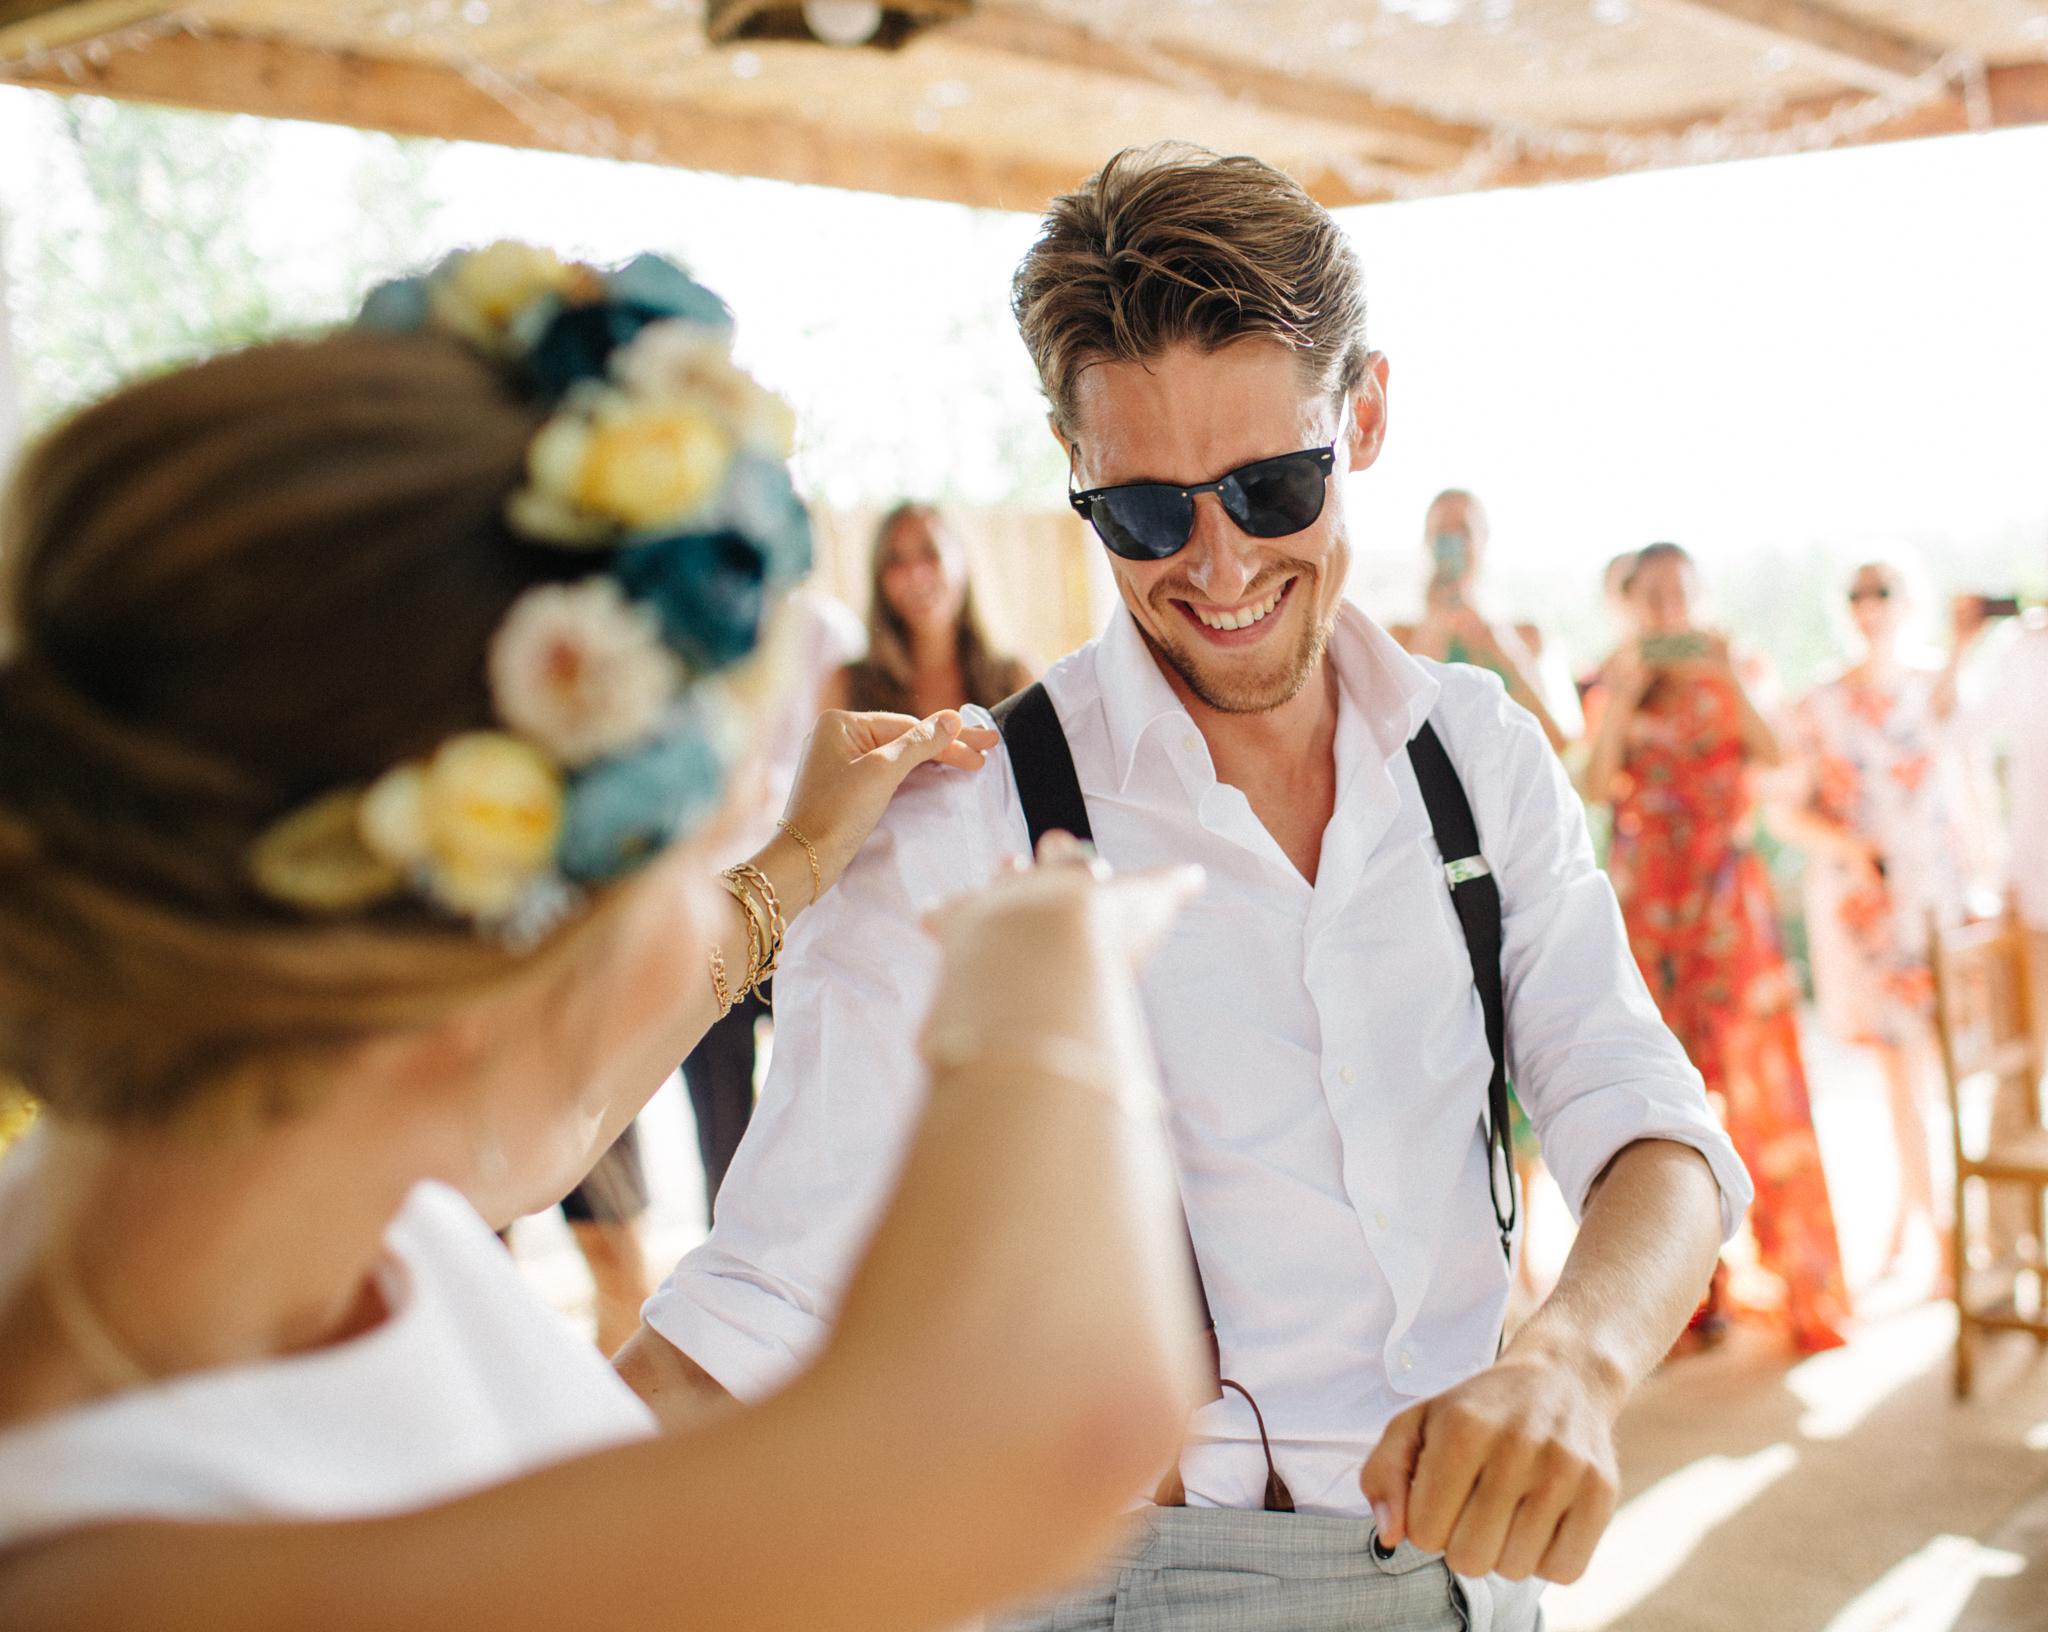 fotografos de boda en Valencia Alicante y Mallorca wedding photographer.jpg